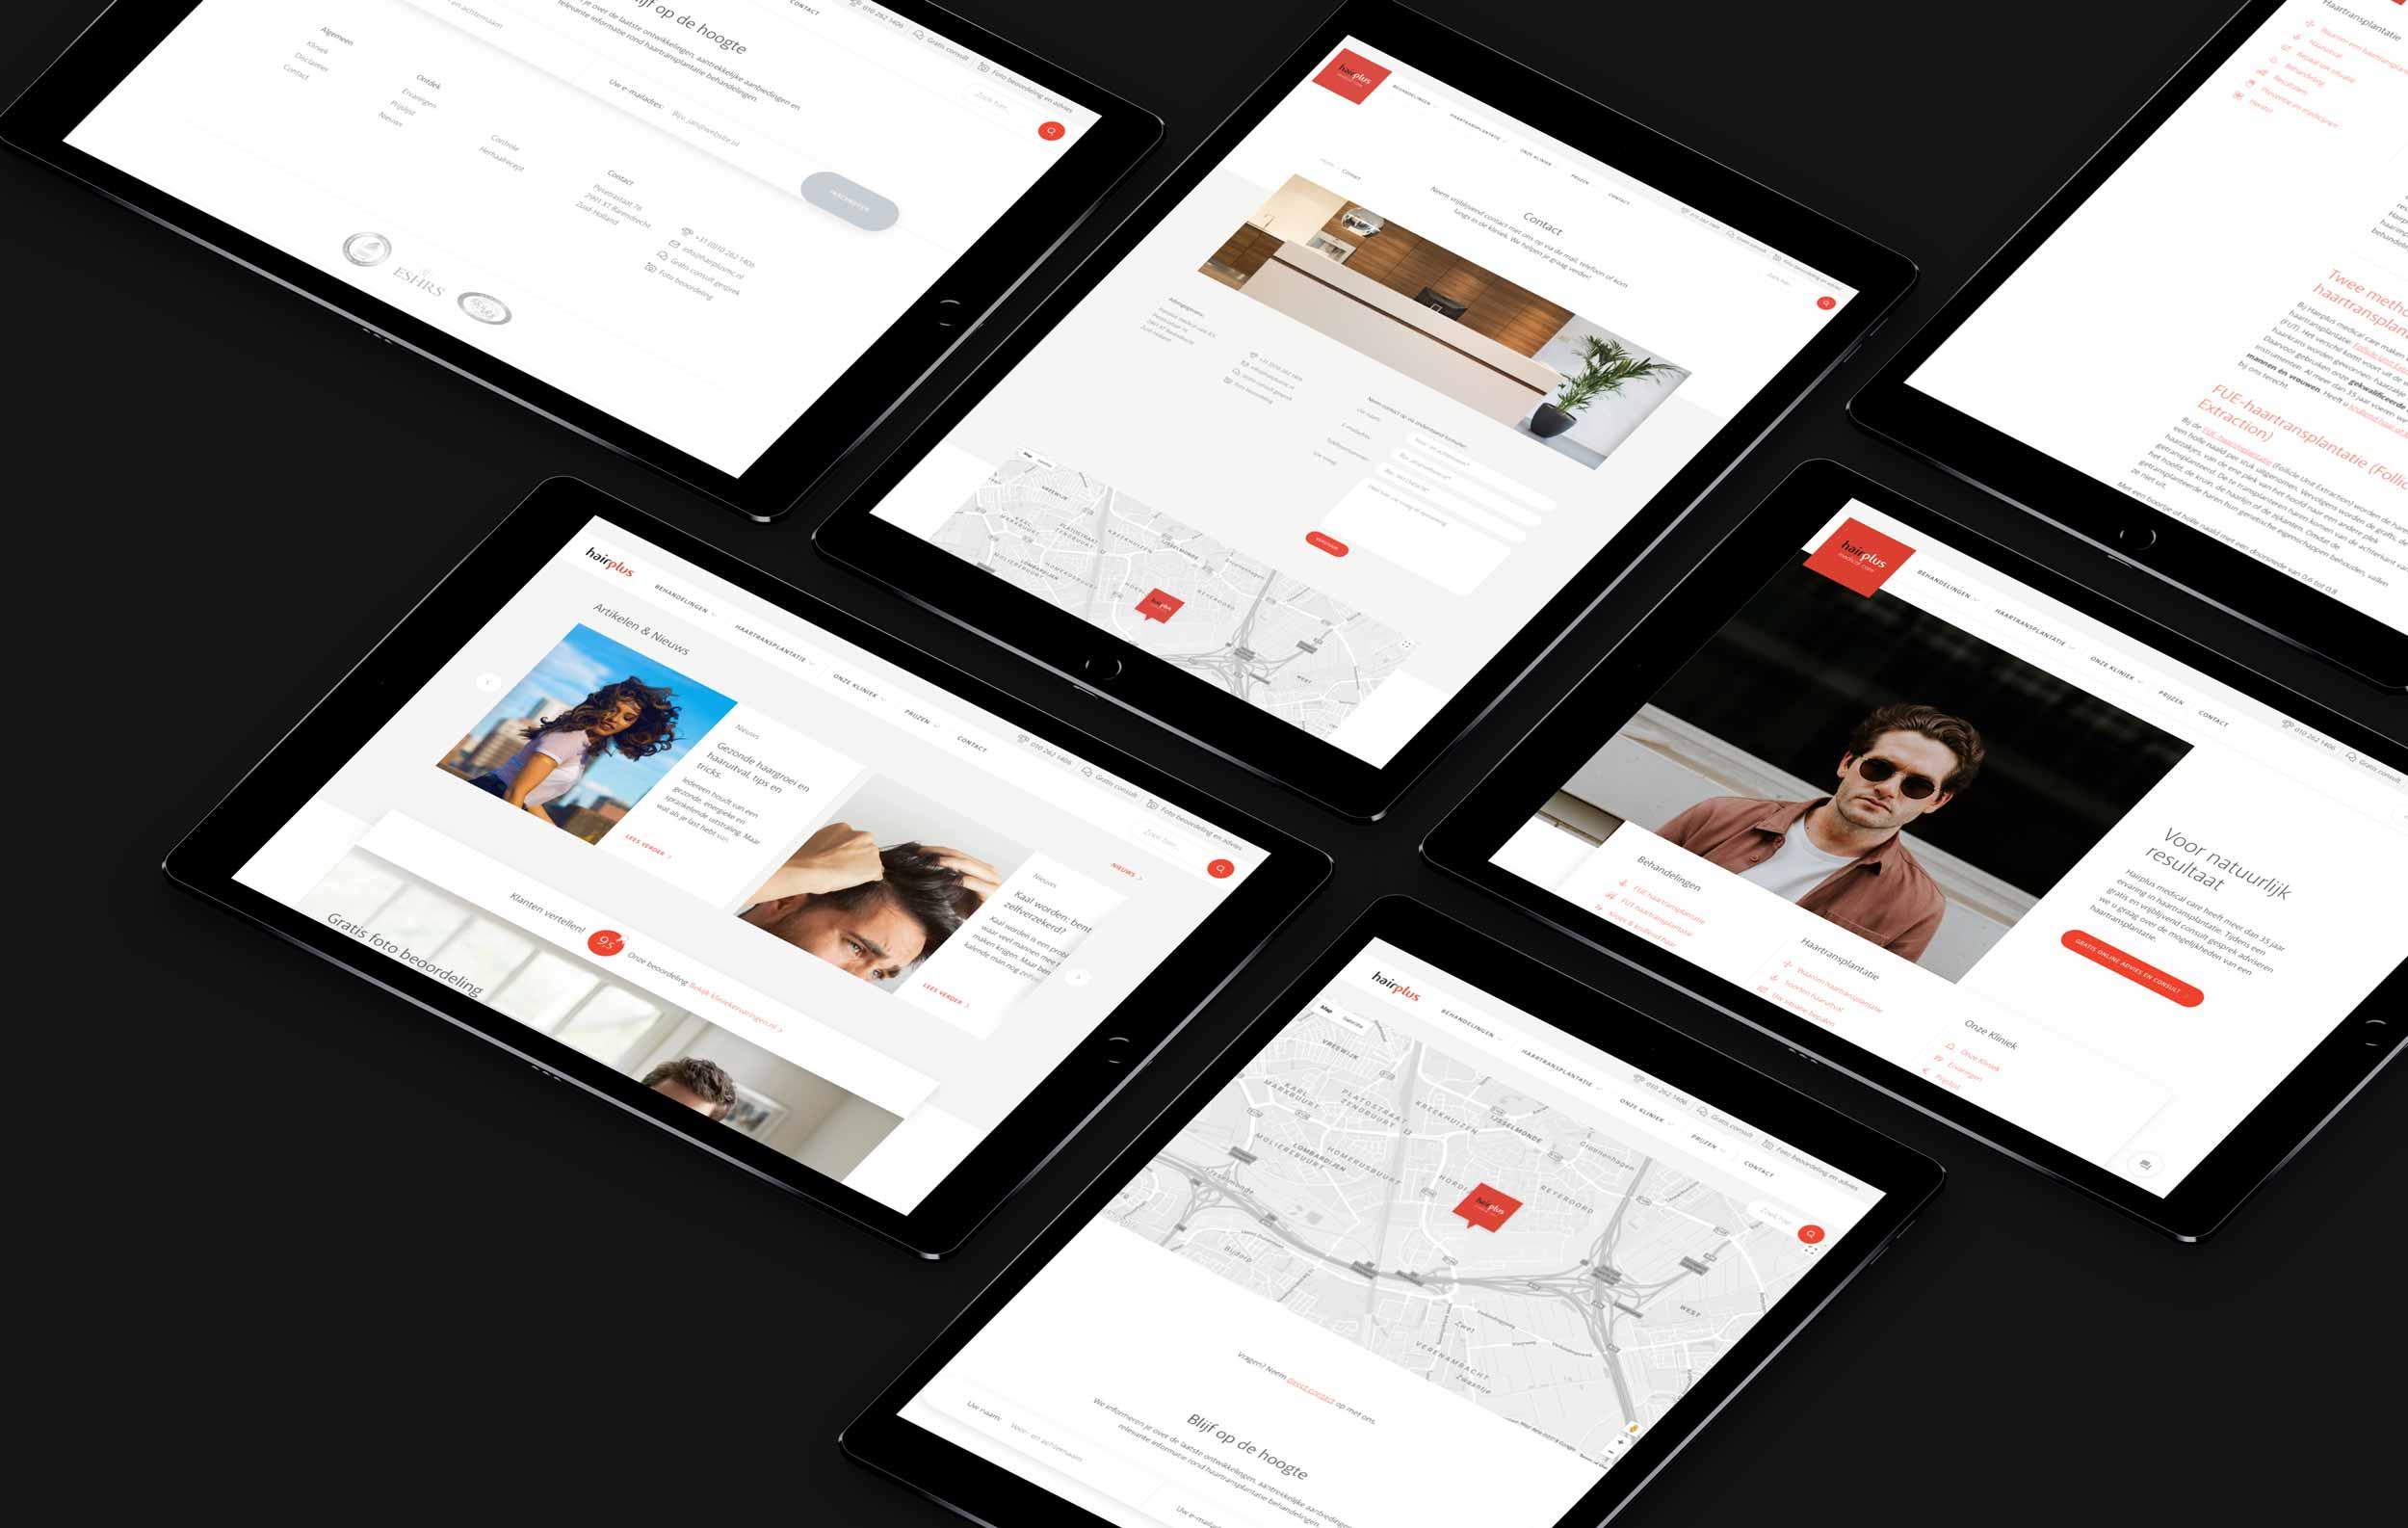 Hairplus Medical Care website afgebeeld op 6 tablets